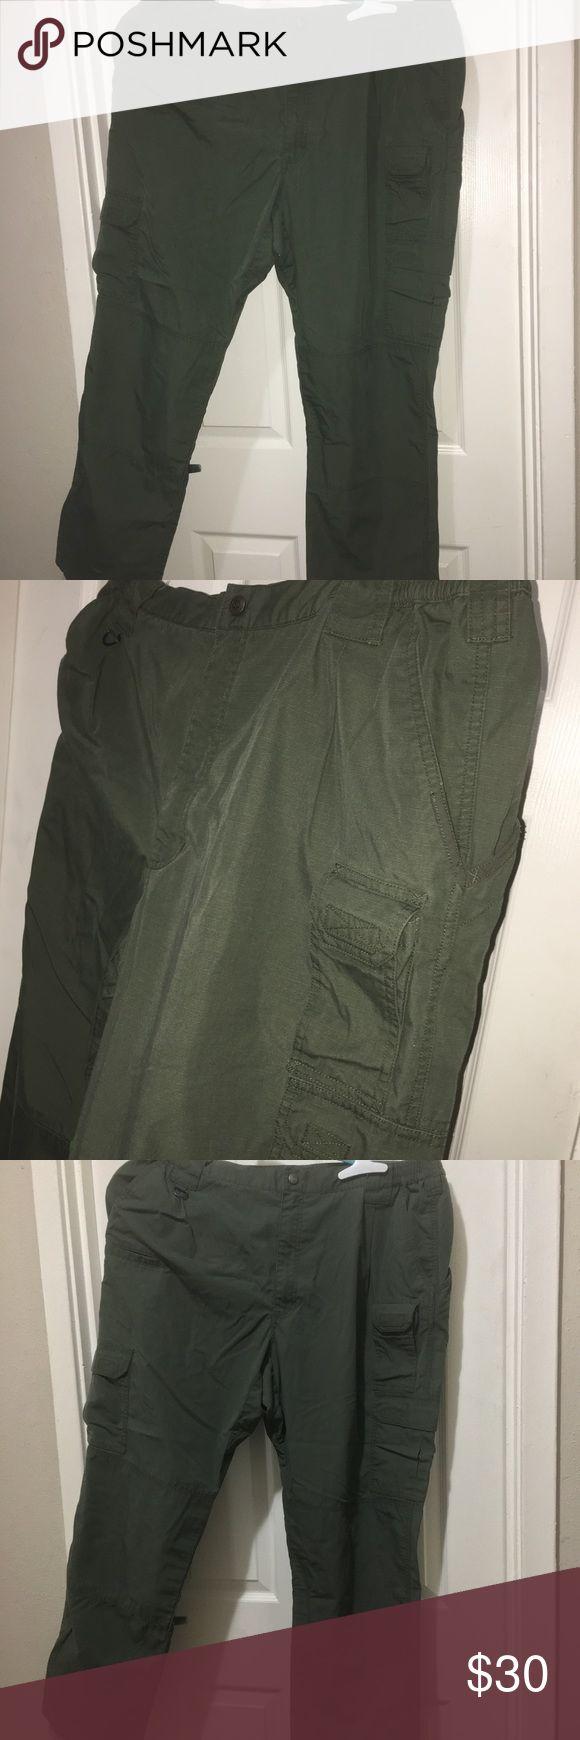 Mens green 511 tactical series cargo pants 42/34 Mens green 511 tactical series cargo pants 42/34 5.11 Tactical Pants Cargo